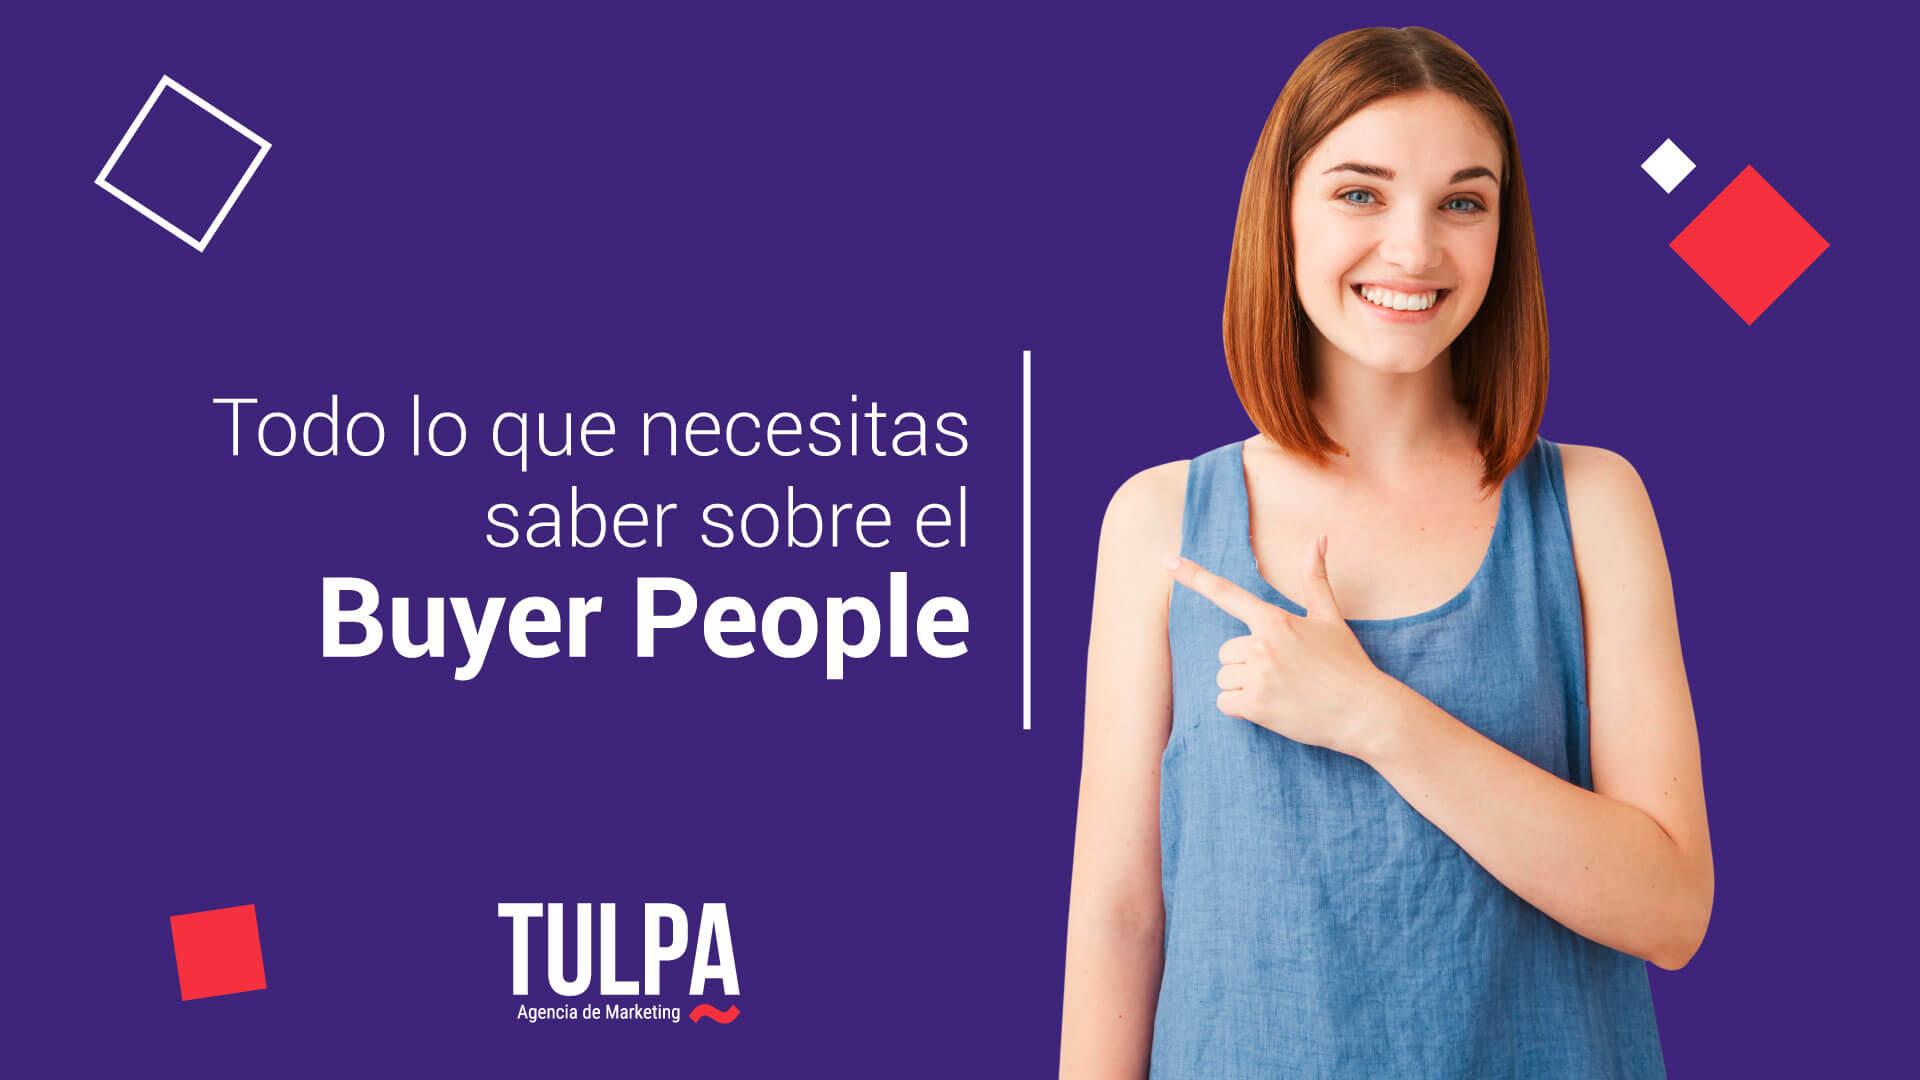 Todo lo que necesitas saber sobre el Buyer People.